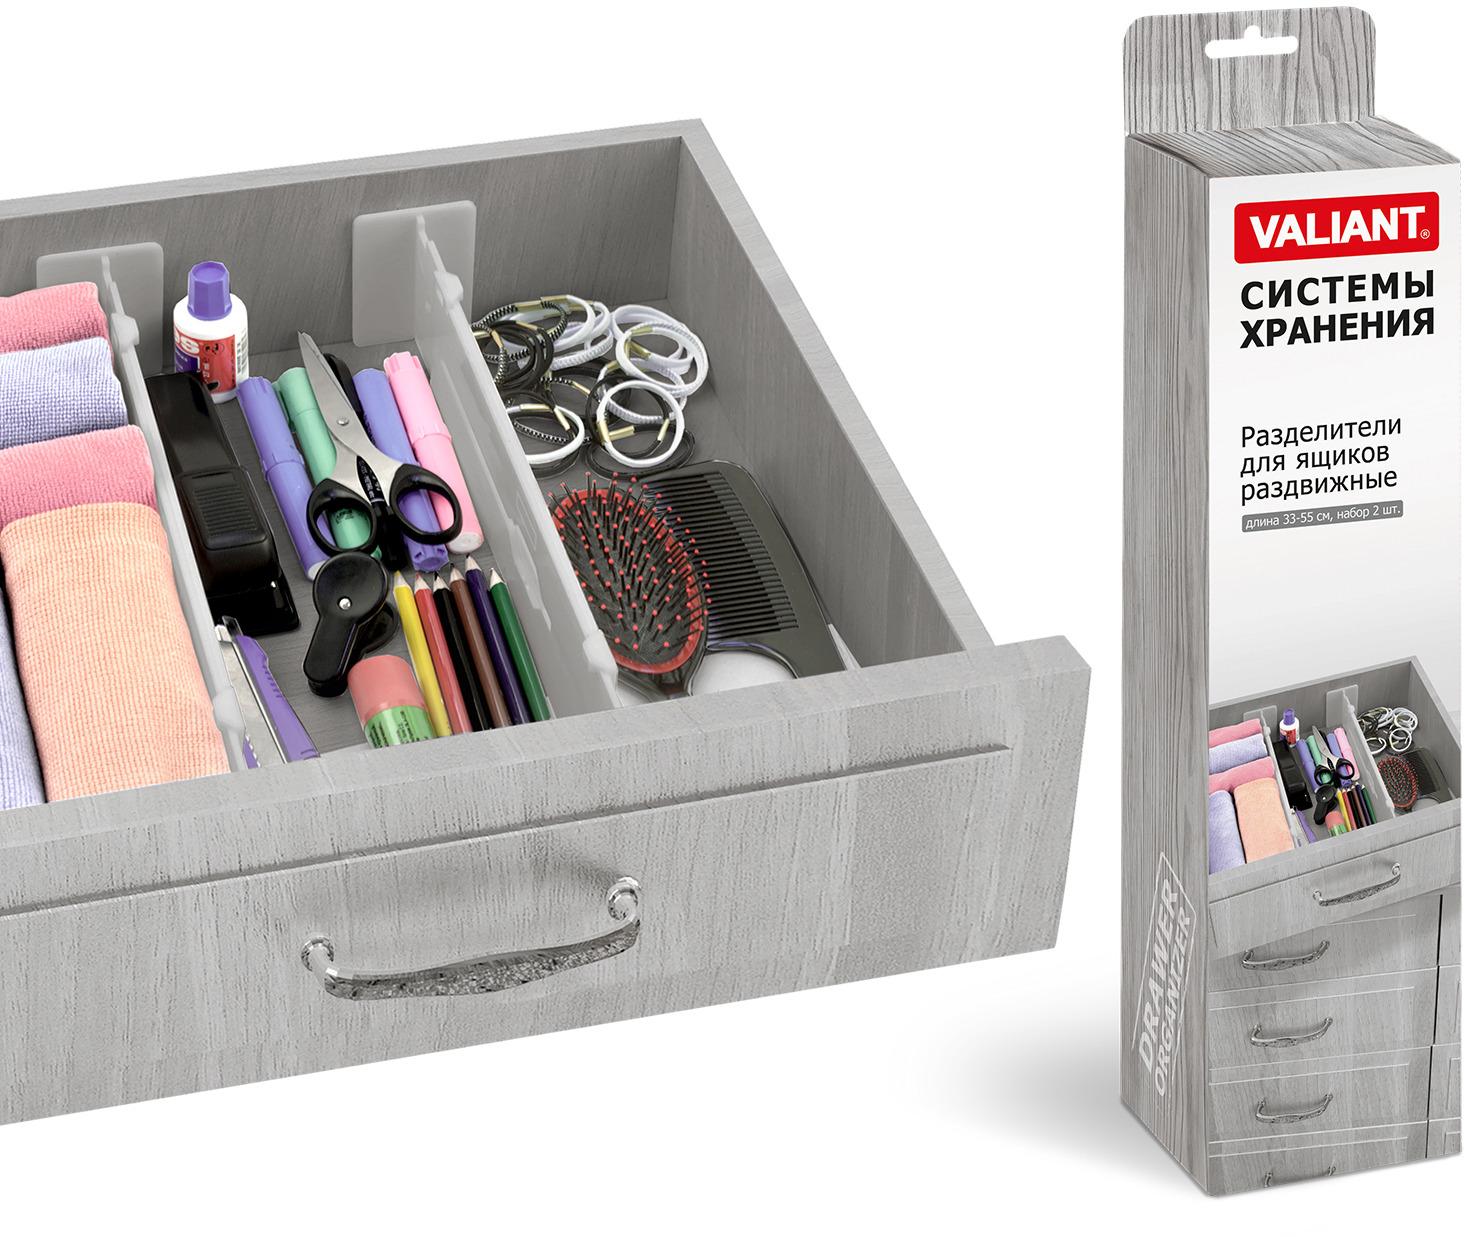 Разделители для ящика Valiant Drawer Organizer, цвет: серый, 32.6 x 8.8 см, 2 шт разделители для пальцев dewal синие розовые 8 шт упак